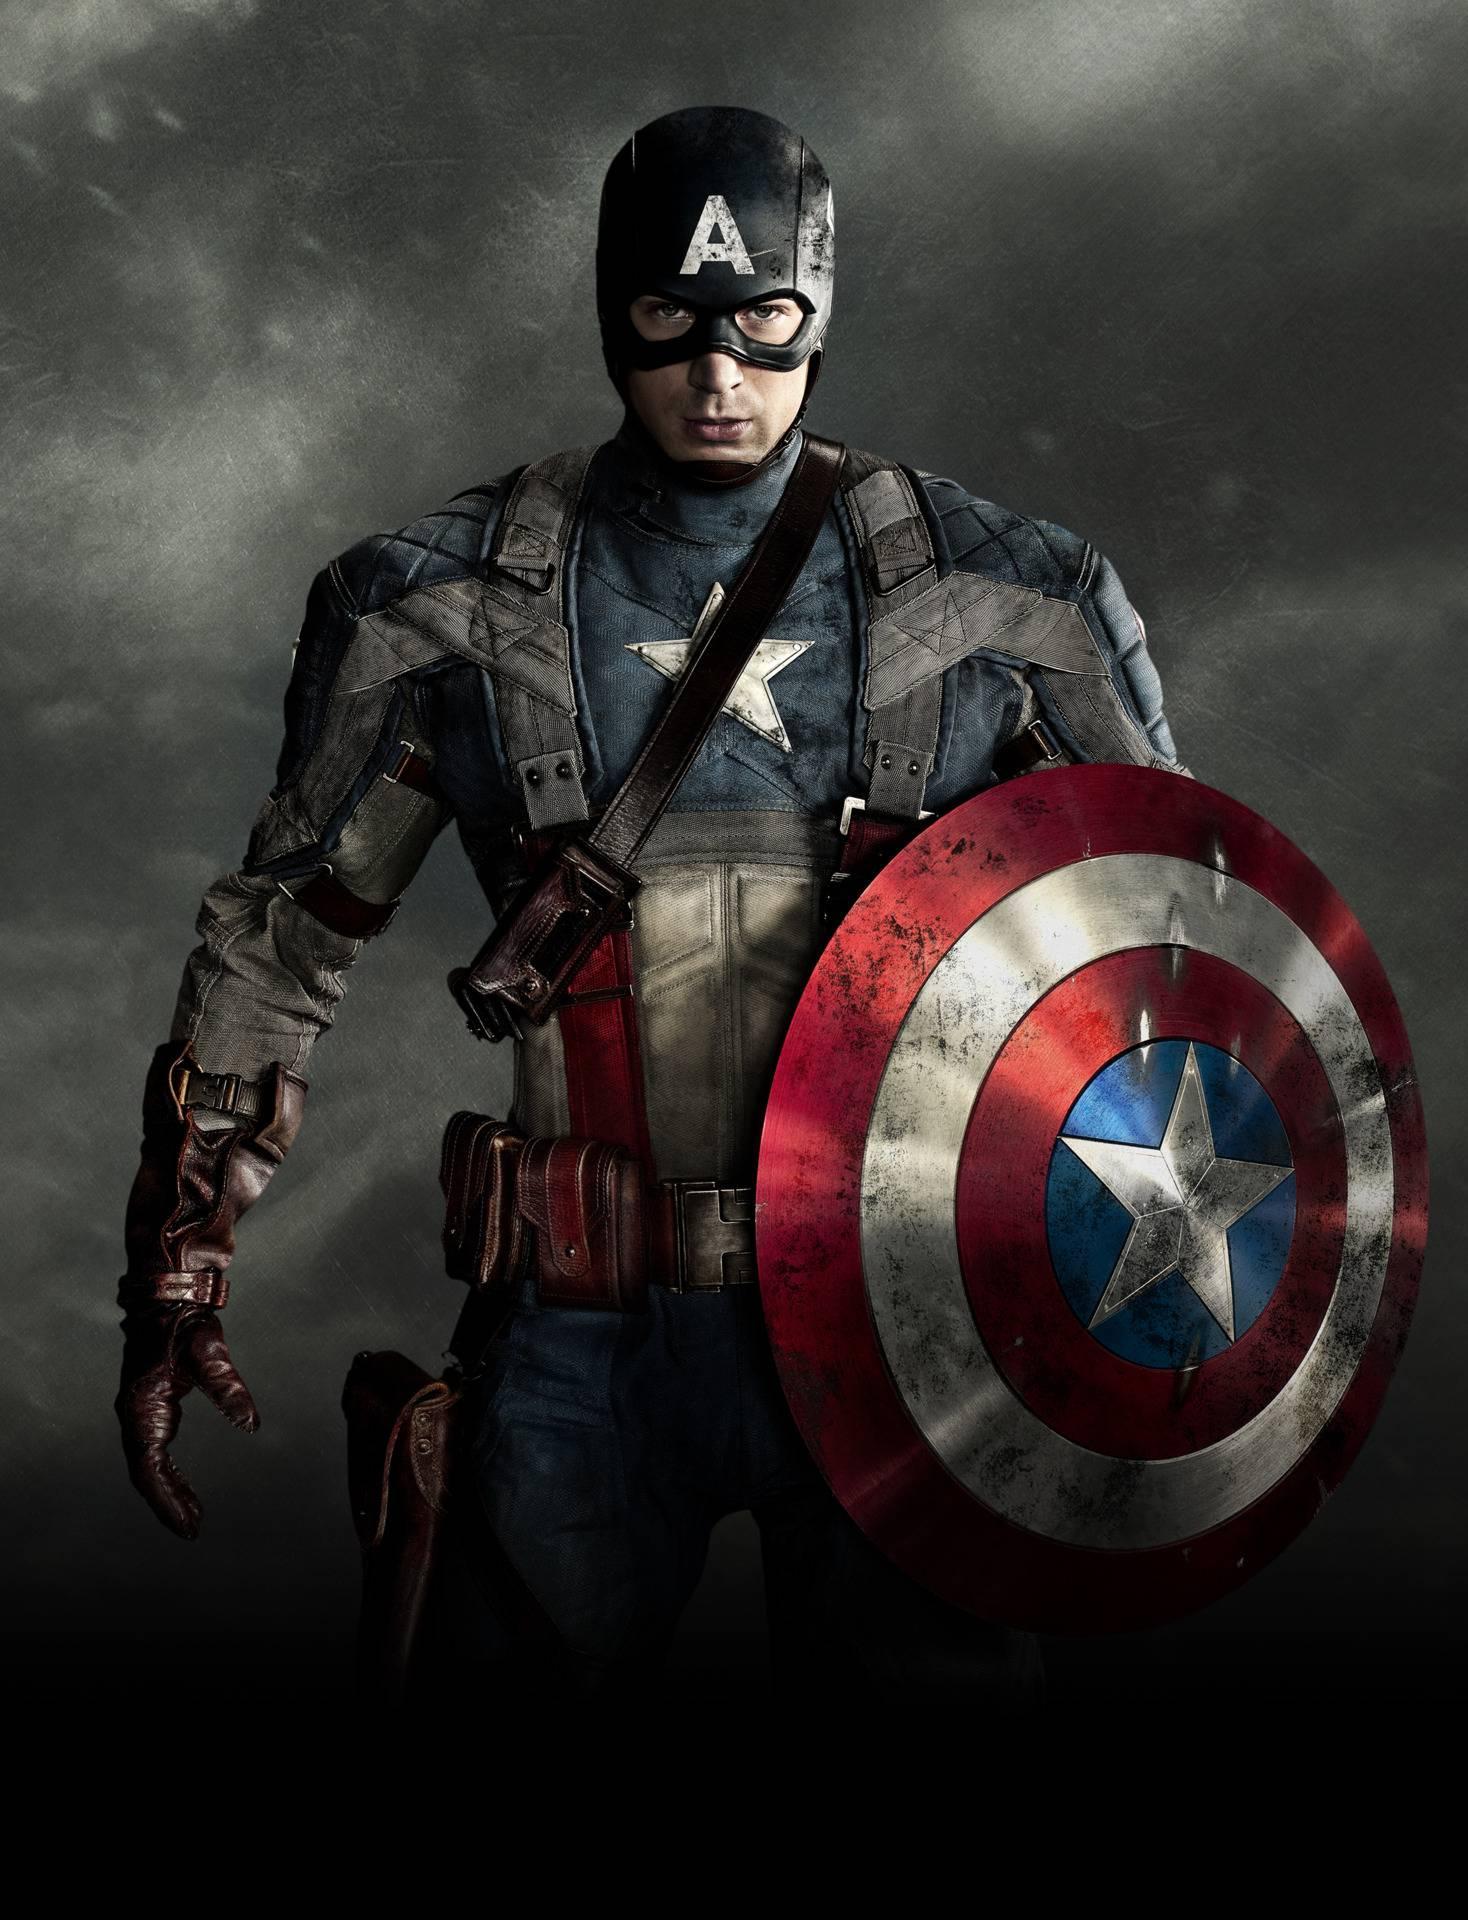 Ποιος είναι ο δυνατότερος Avenger στο MCU; - Geekdom Cinema/TV 11